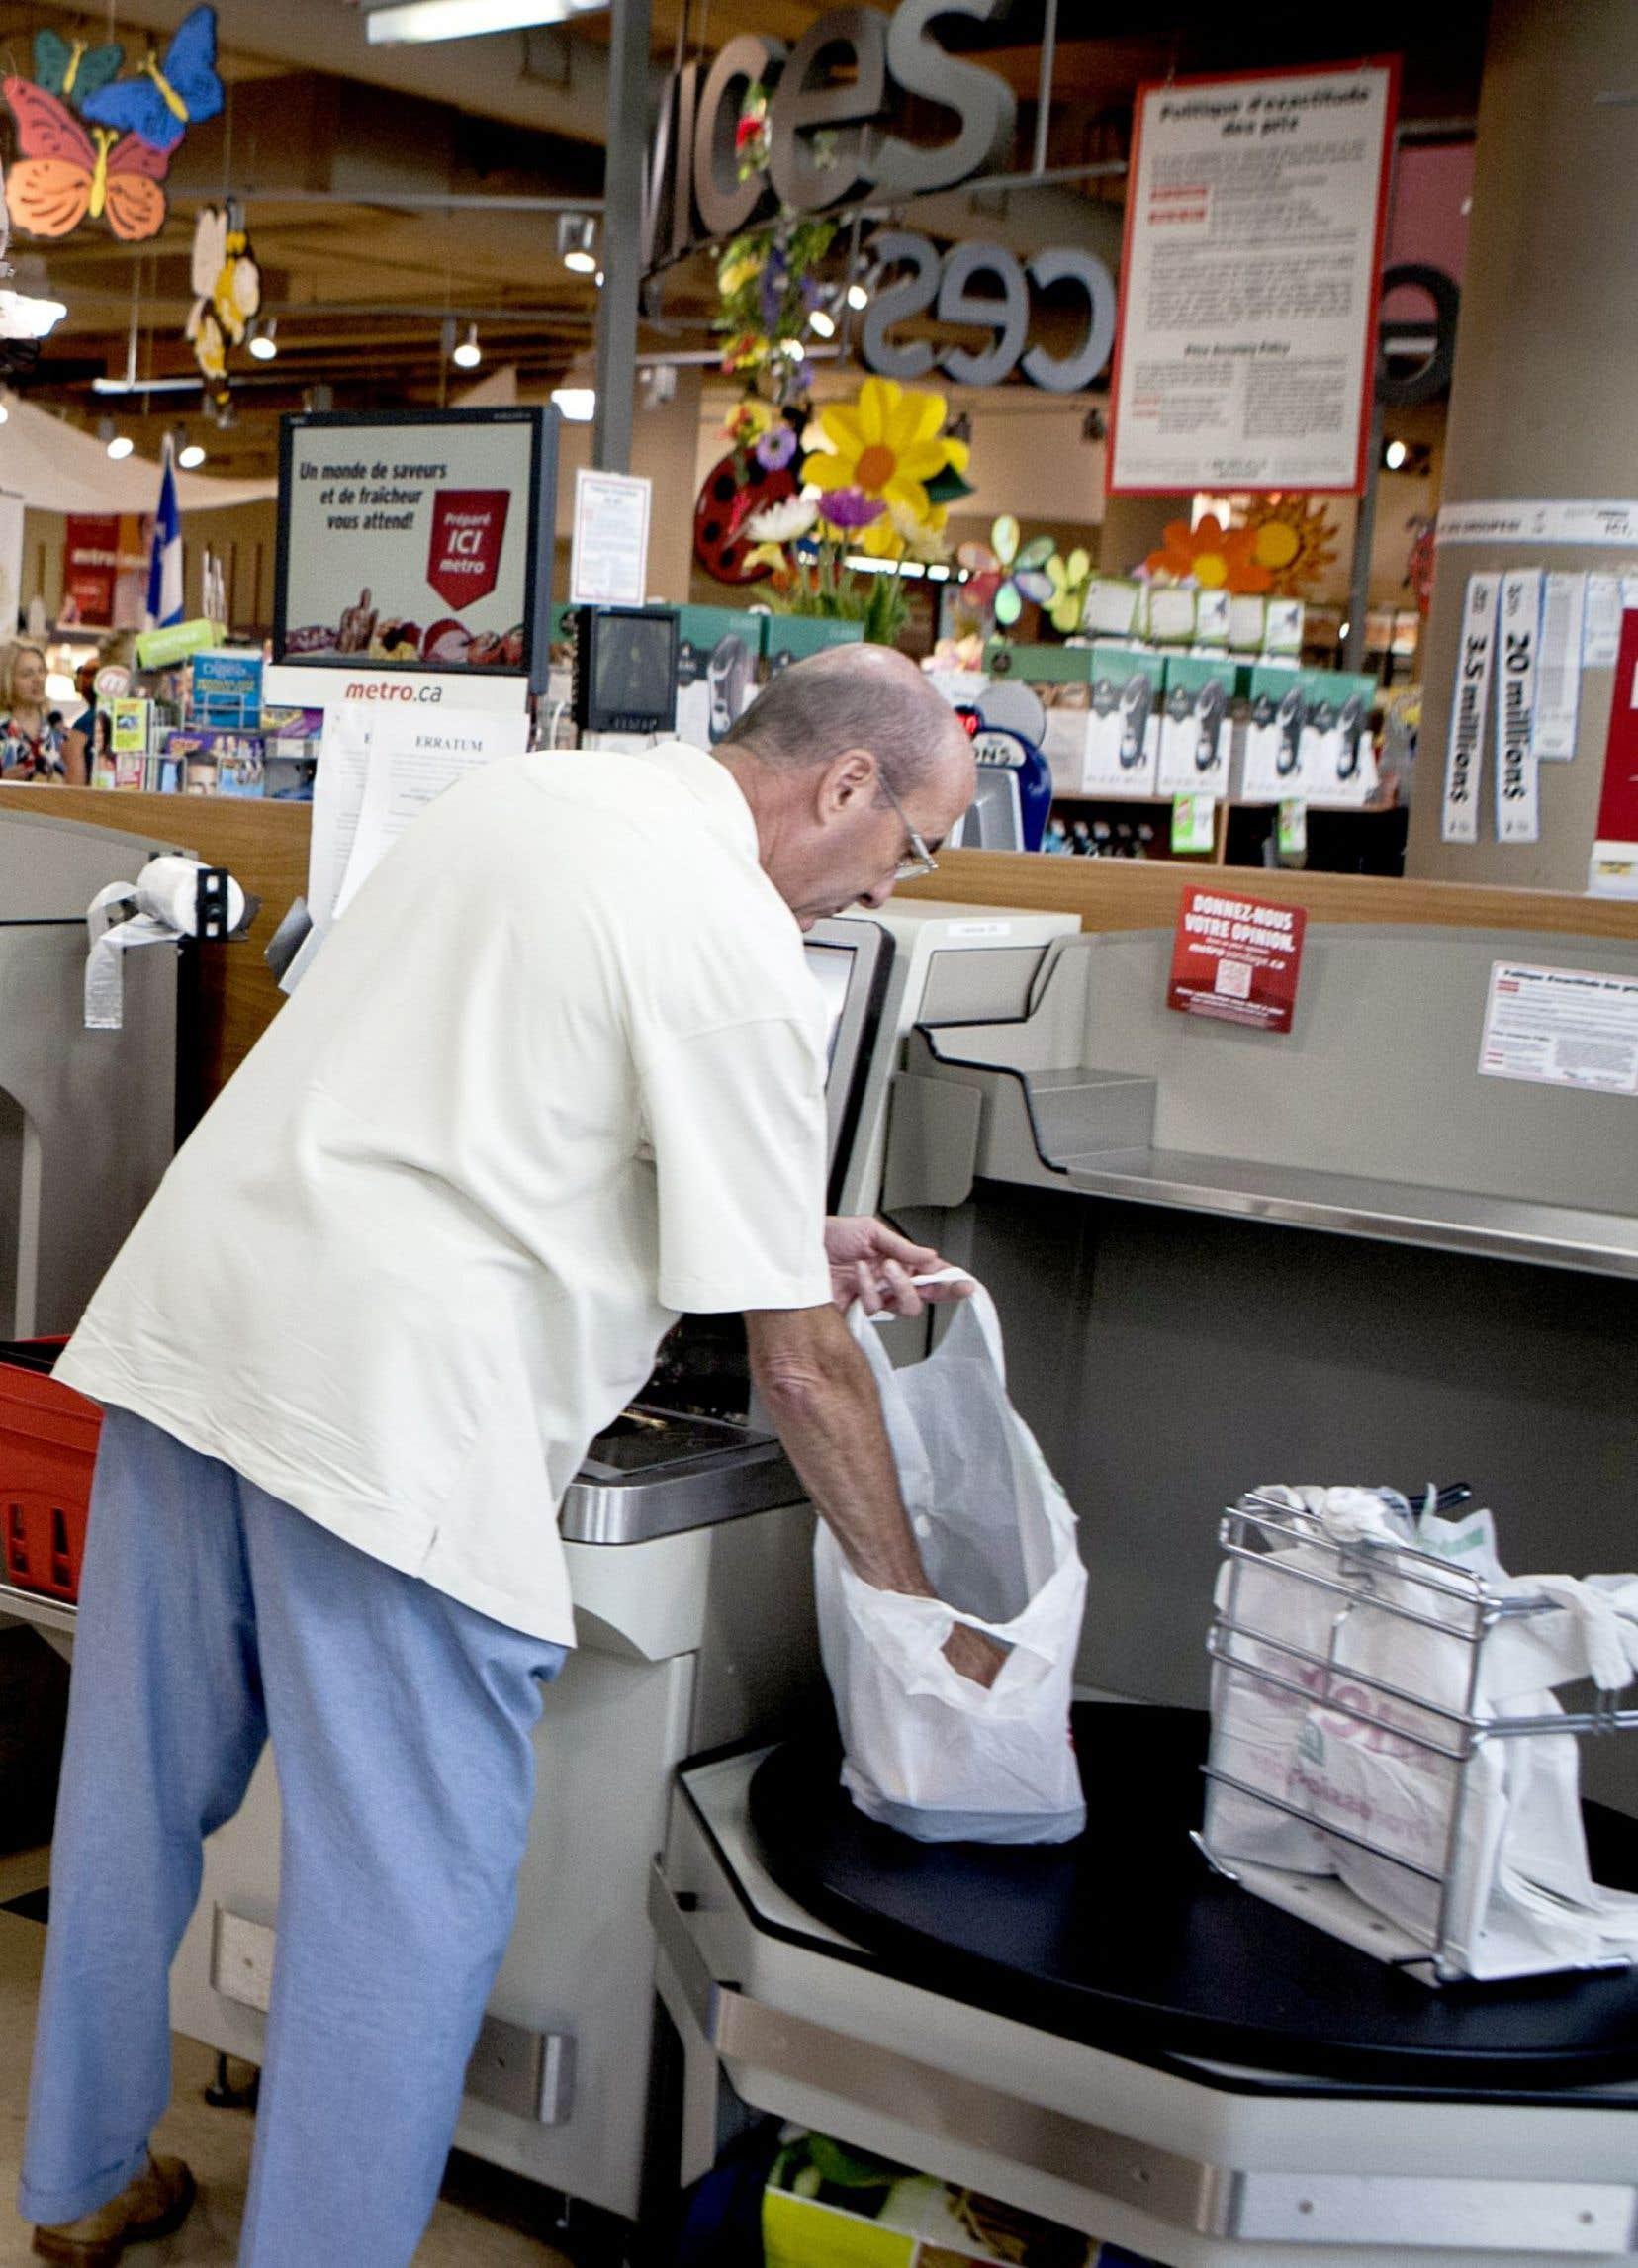 La décision de la Ville reflète la volonté des Québécois, qui souhaitent devenir des consommateurs plus responsables, a affirmé le maire Denis Coderre lundi.